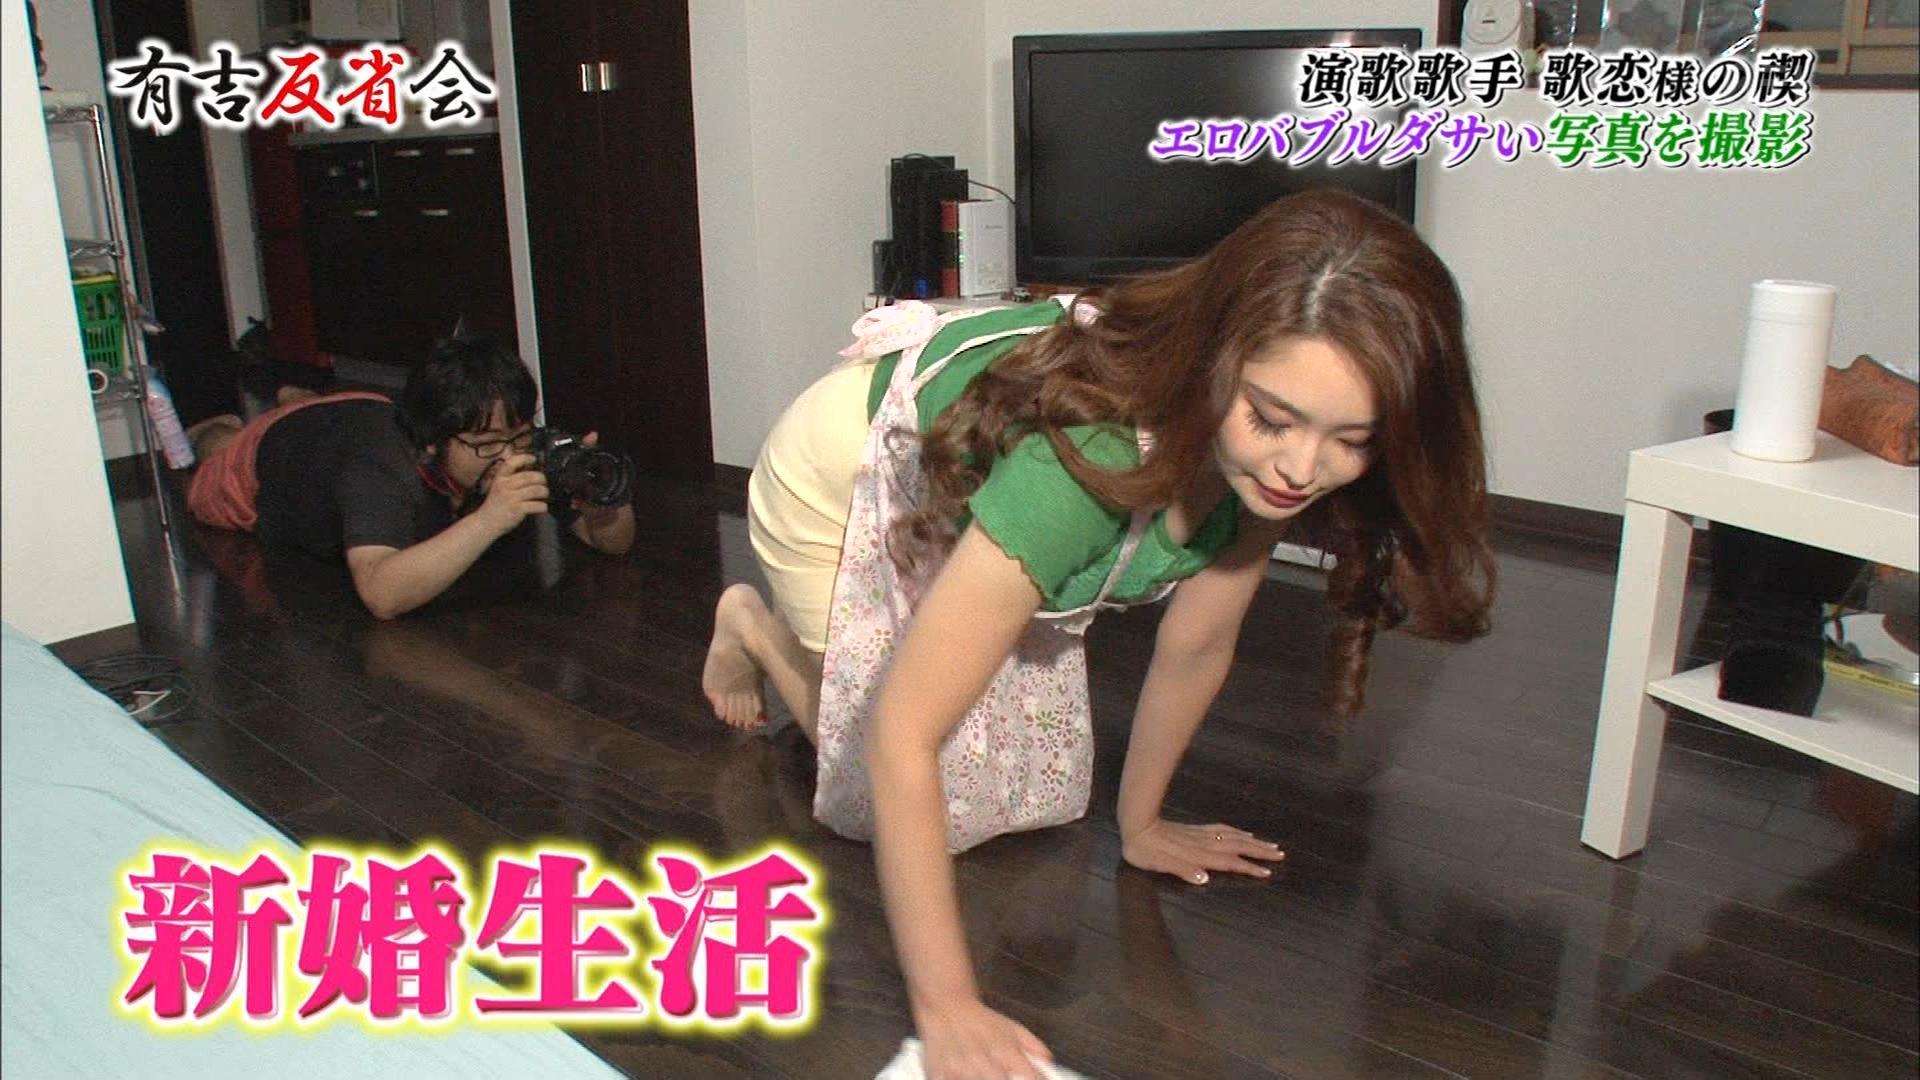 歌恋(24)巨乳演歌歌手の有吉反省会エロキャプ画像33枚・21枚目の画像